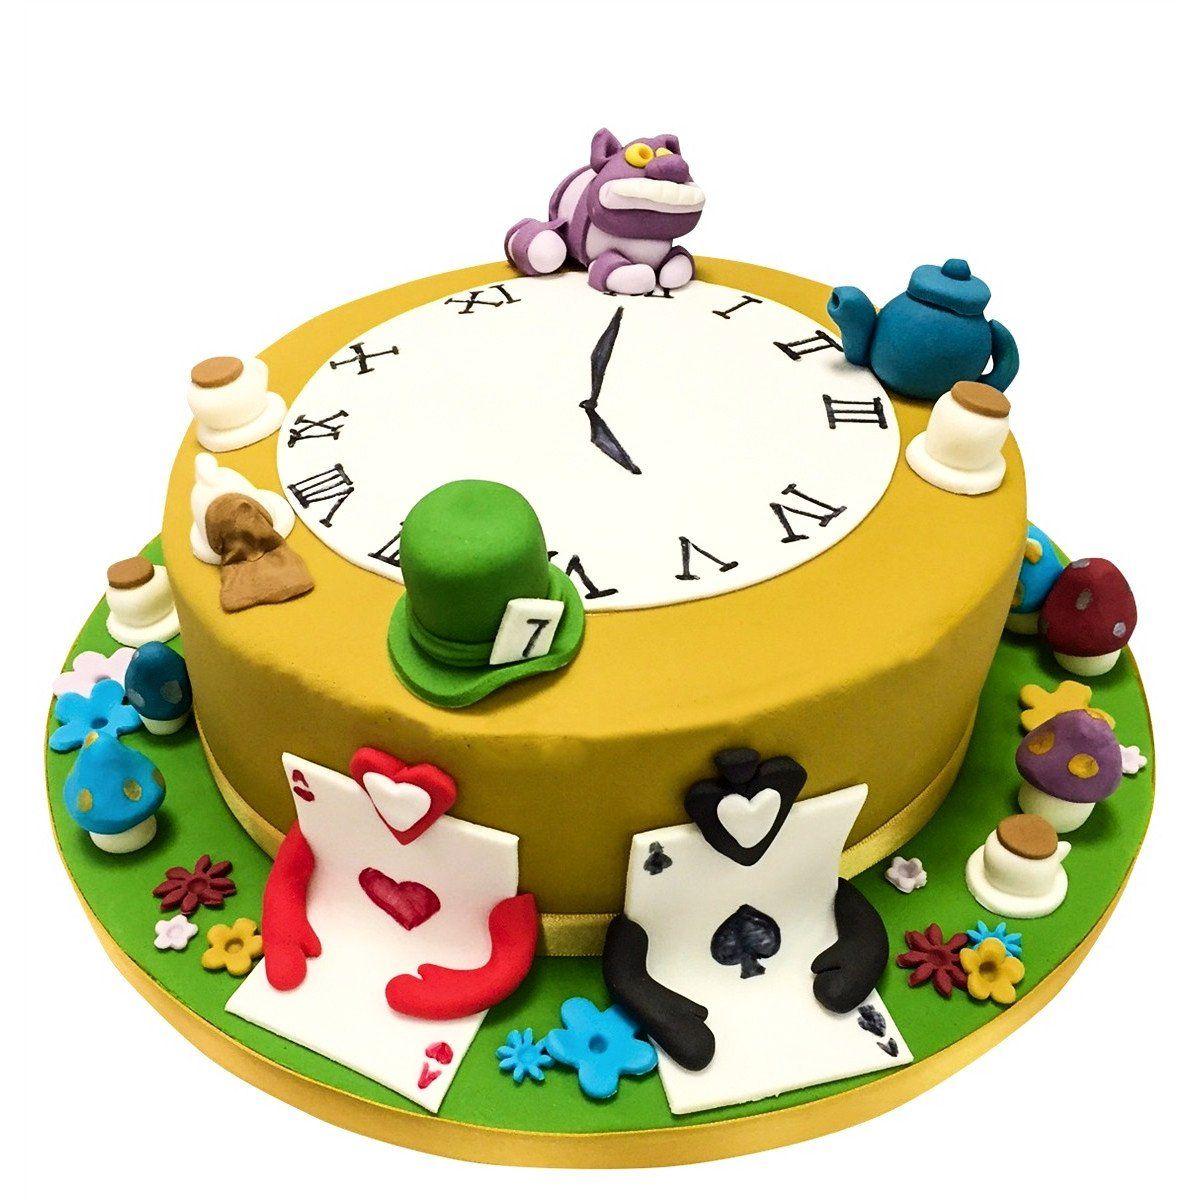 Alice In Wonderland Cake in 2020 Alice in wonderland